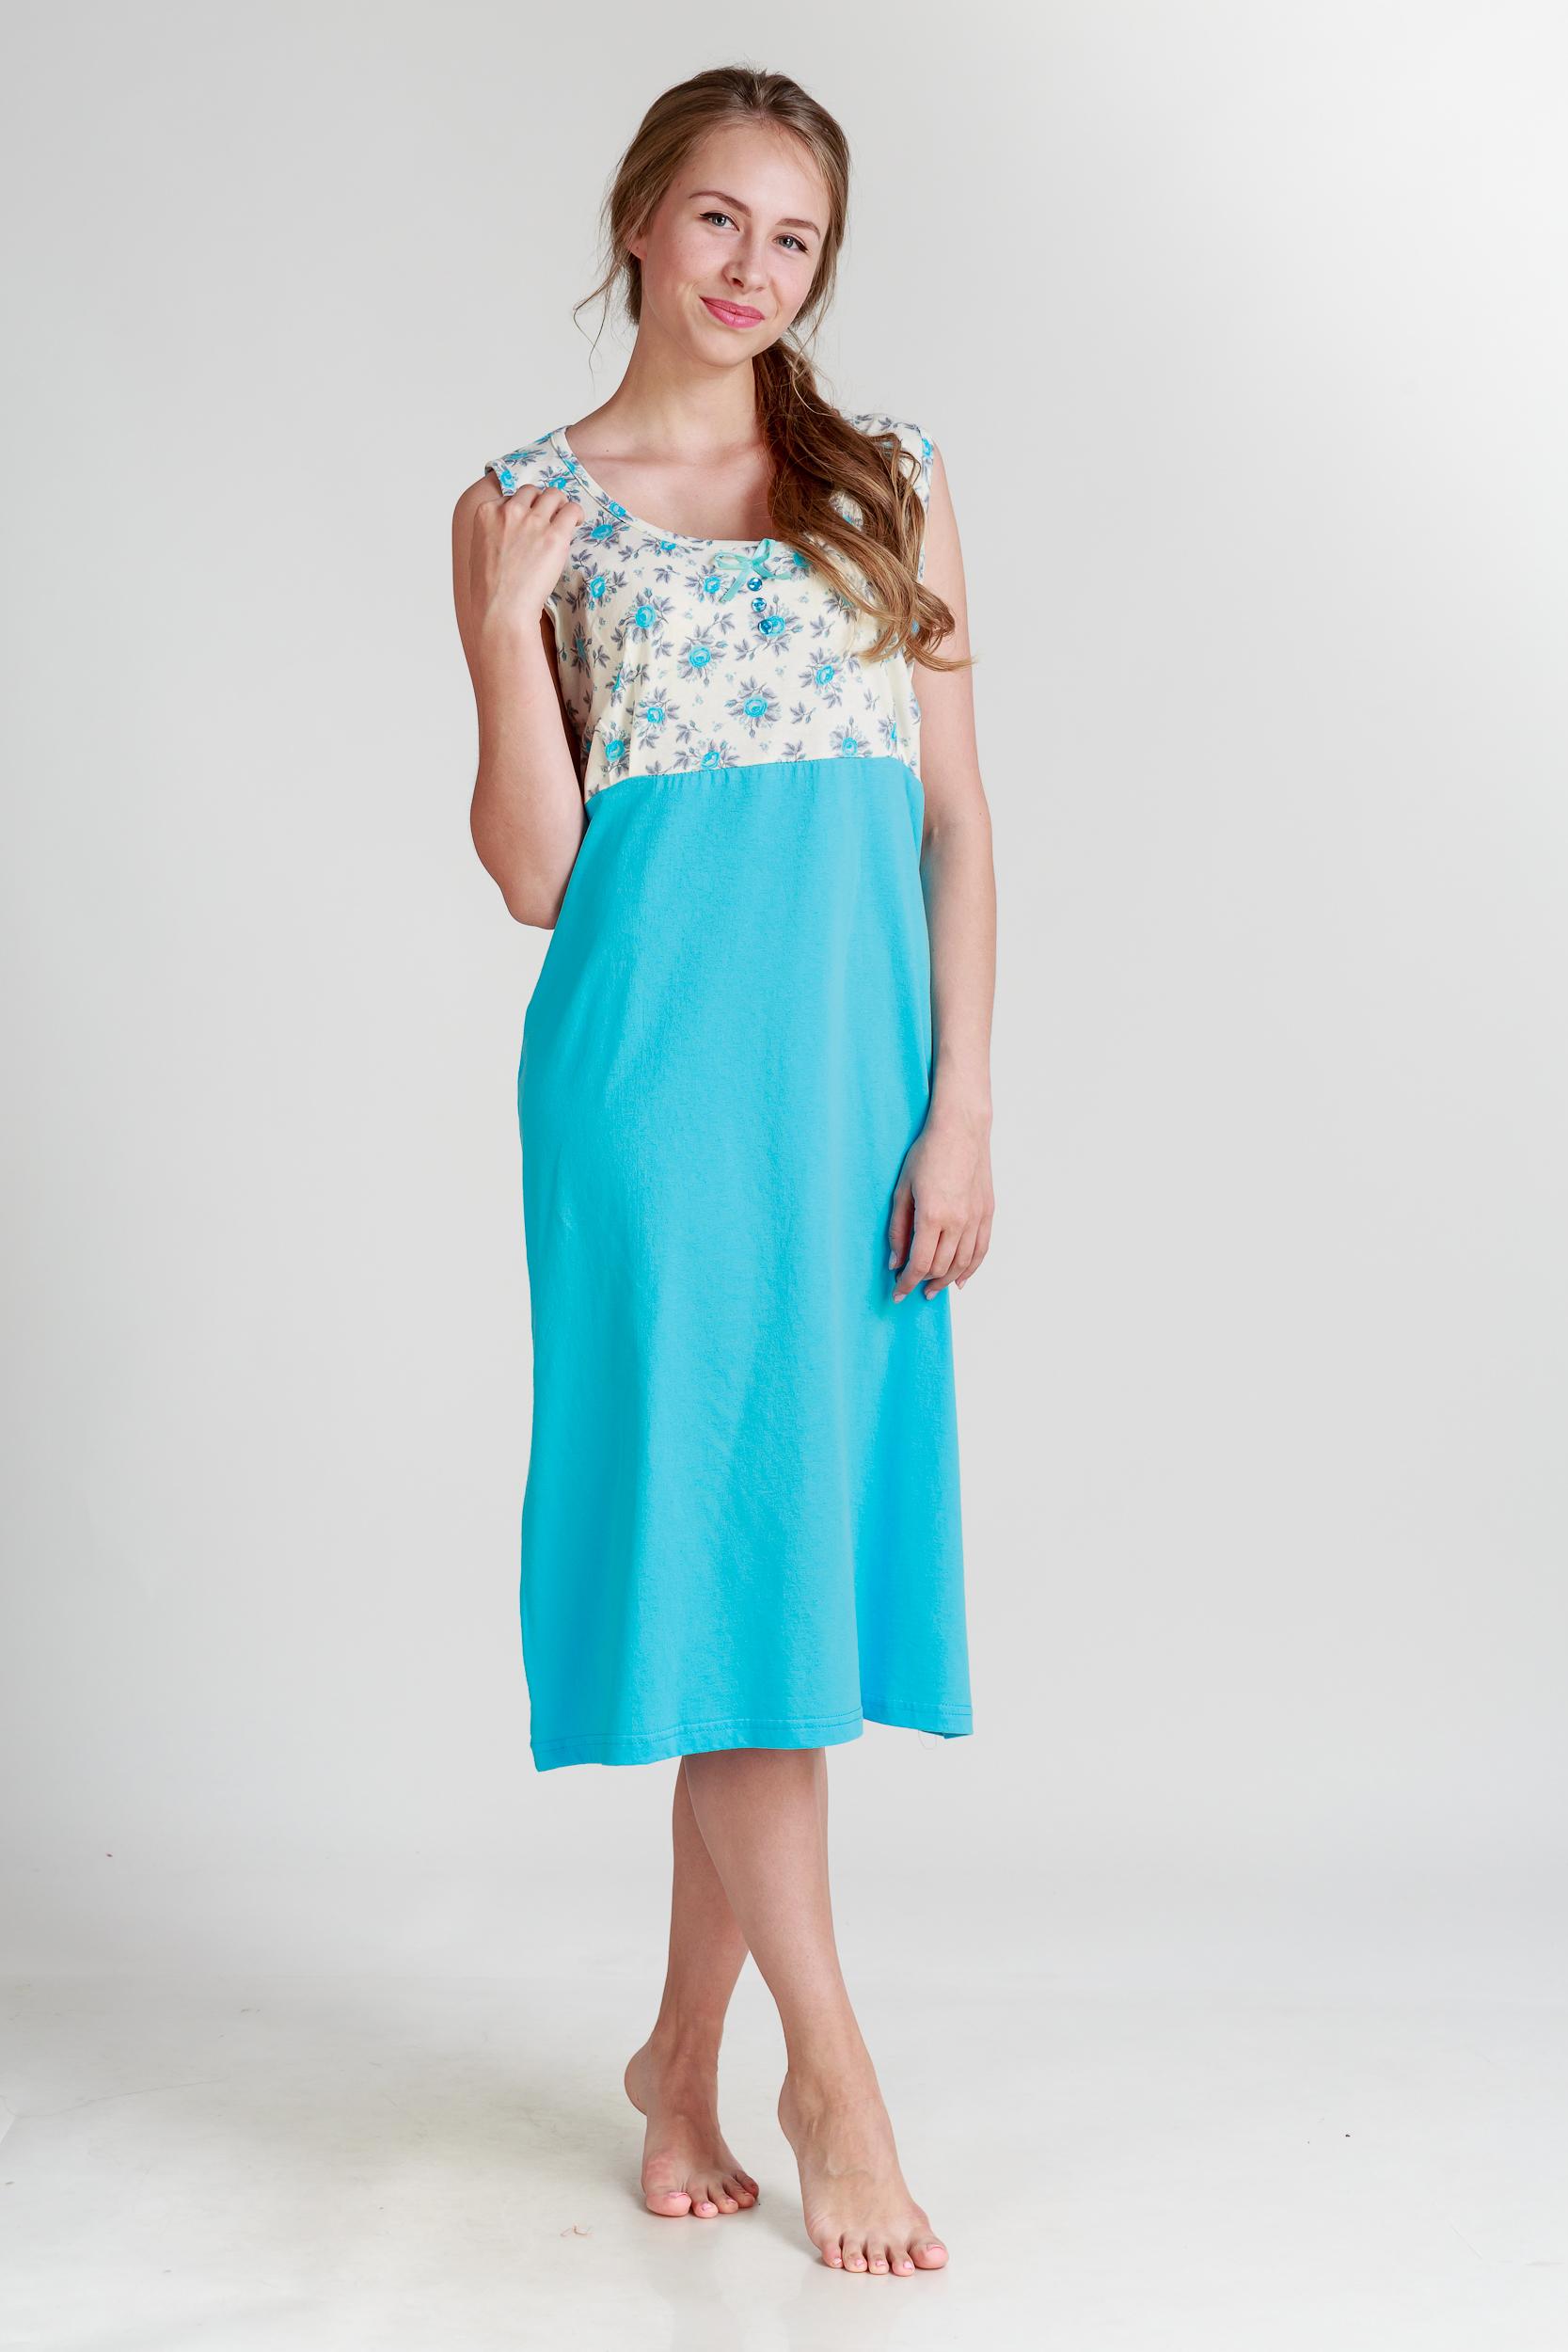 Ночные сорочки Pastilla Ночная сорочка Ваниль Цвет: Голубой (xxxxL) ночные сорочки мамин дом ночная сорочка harmony